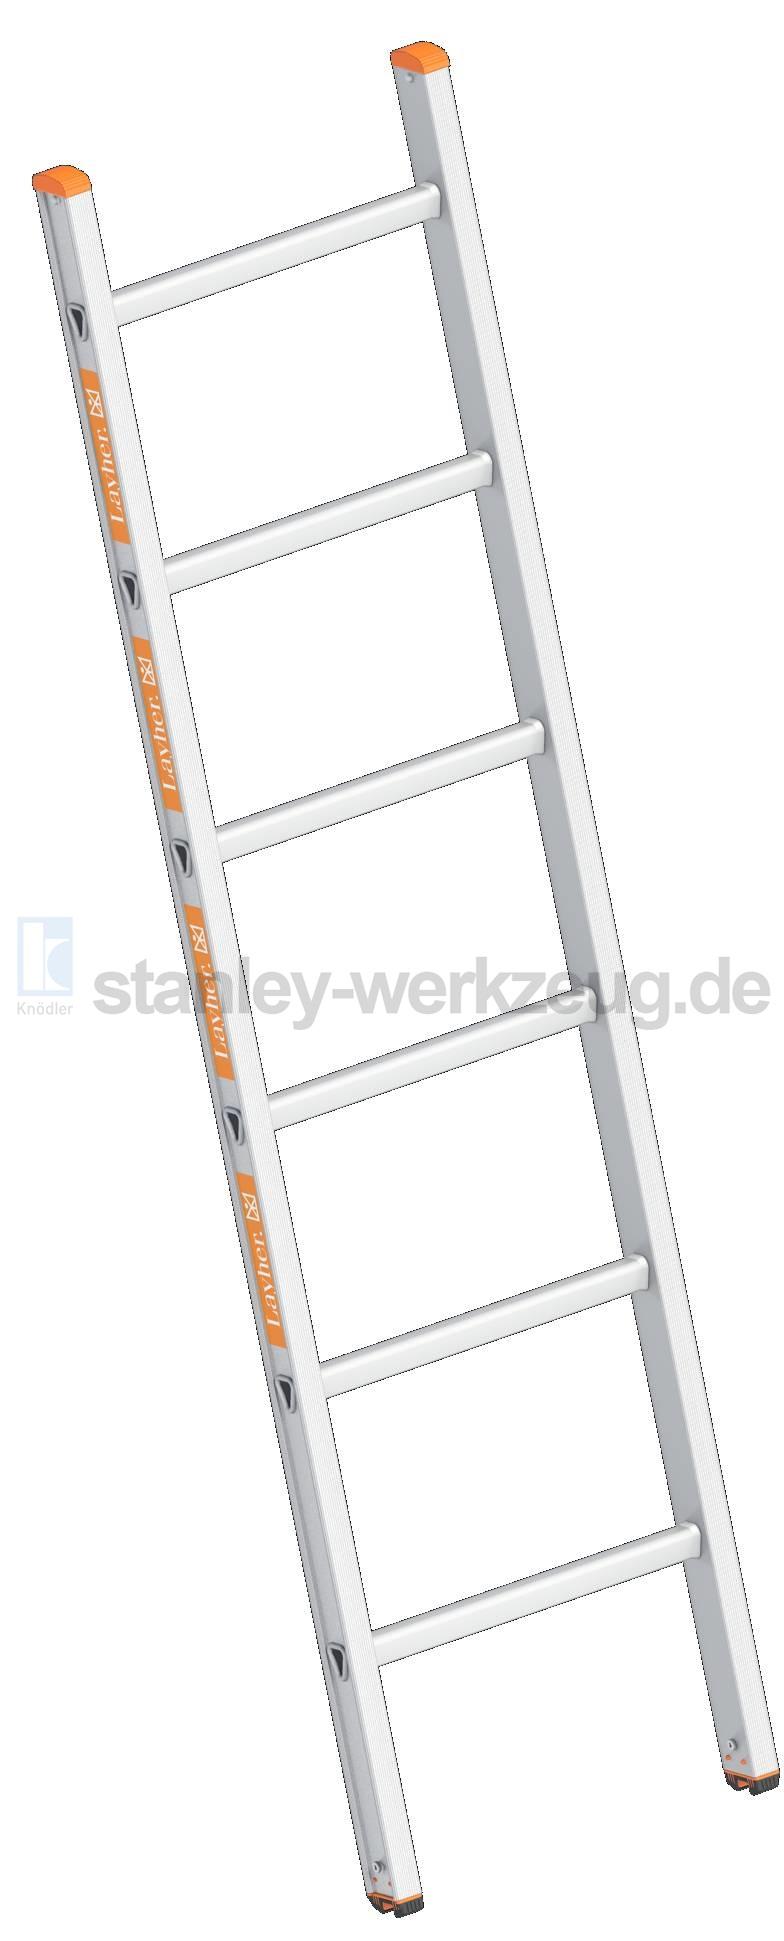 Layher Sprossenanlegeleiter Topic 1054-10 Sprossen 2,95 m Anlegeleiter Leiter